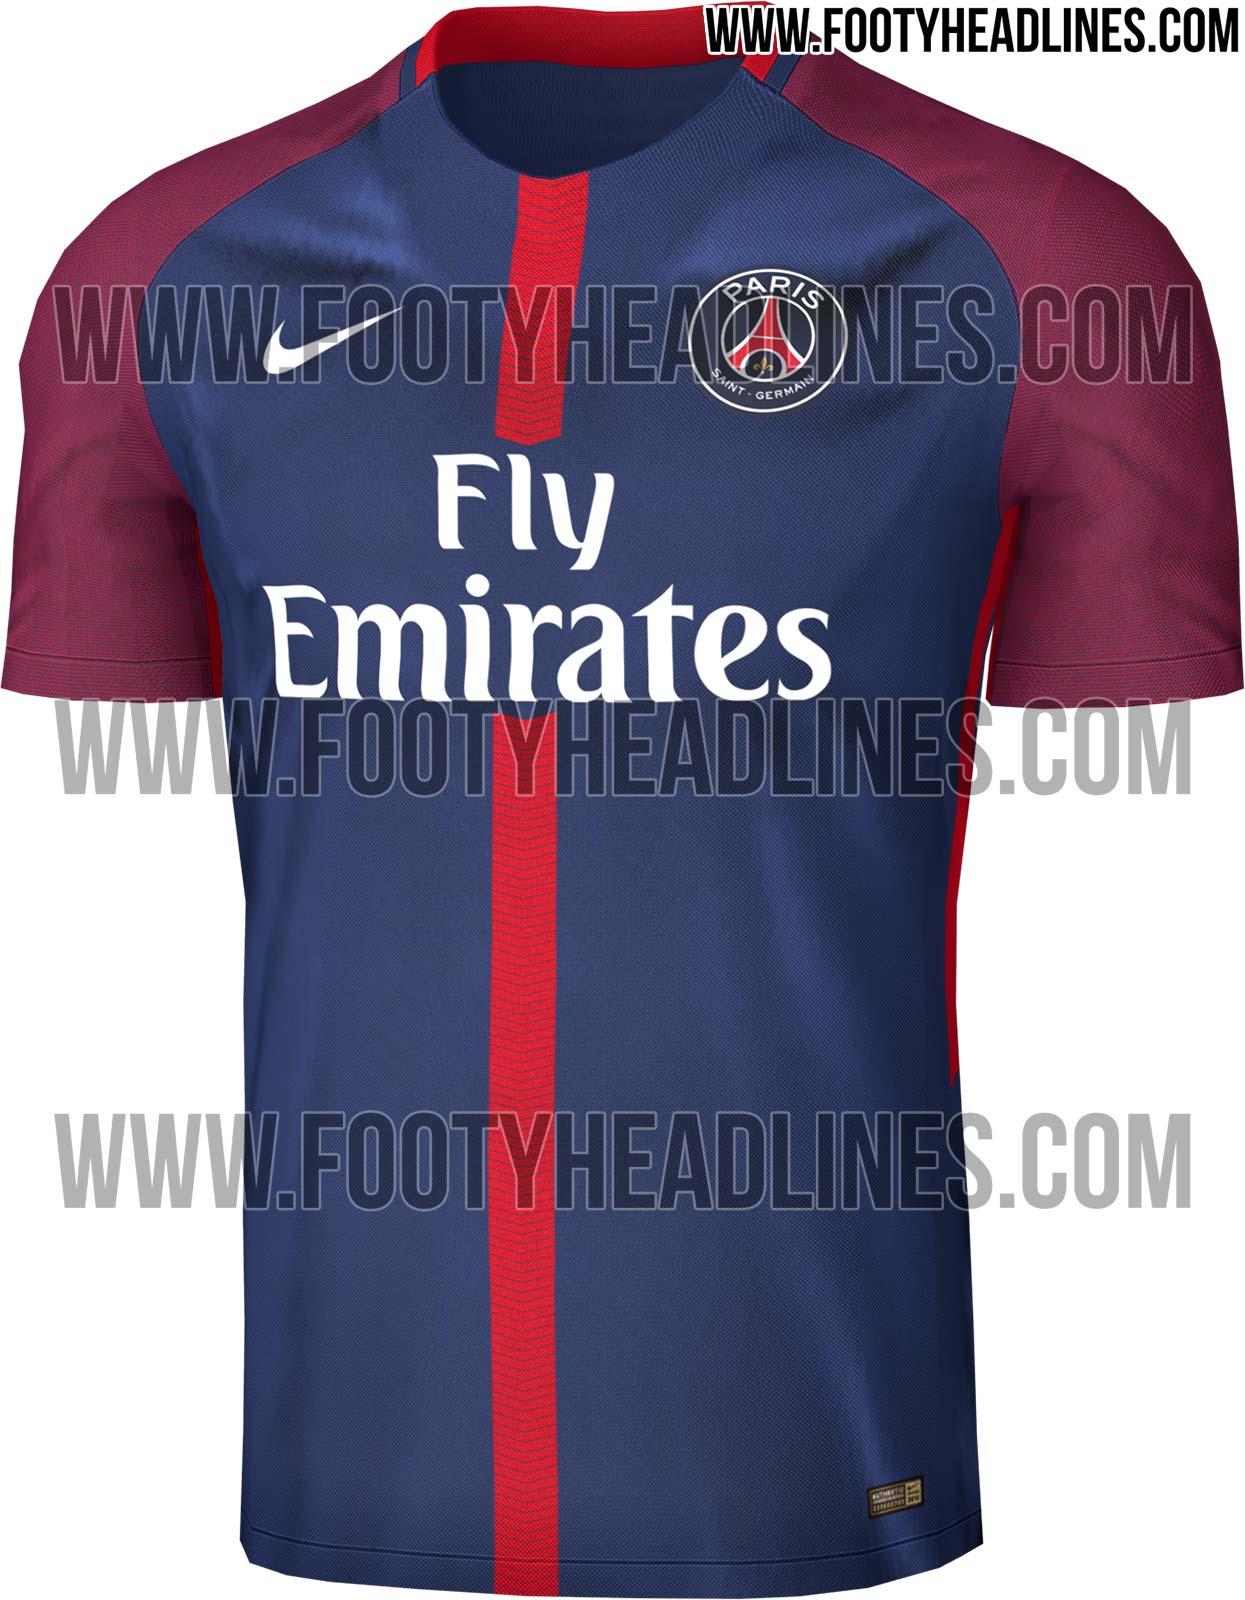 82ce2d70a0828 O site especializado em camisas de time de futebol de todo o mundo Footy  Headlines publicou nesta sexta (24) a imagem do que pode ser a nova camisa  do PSG ...